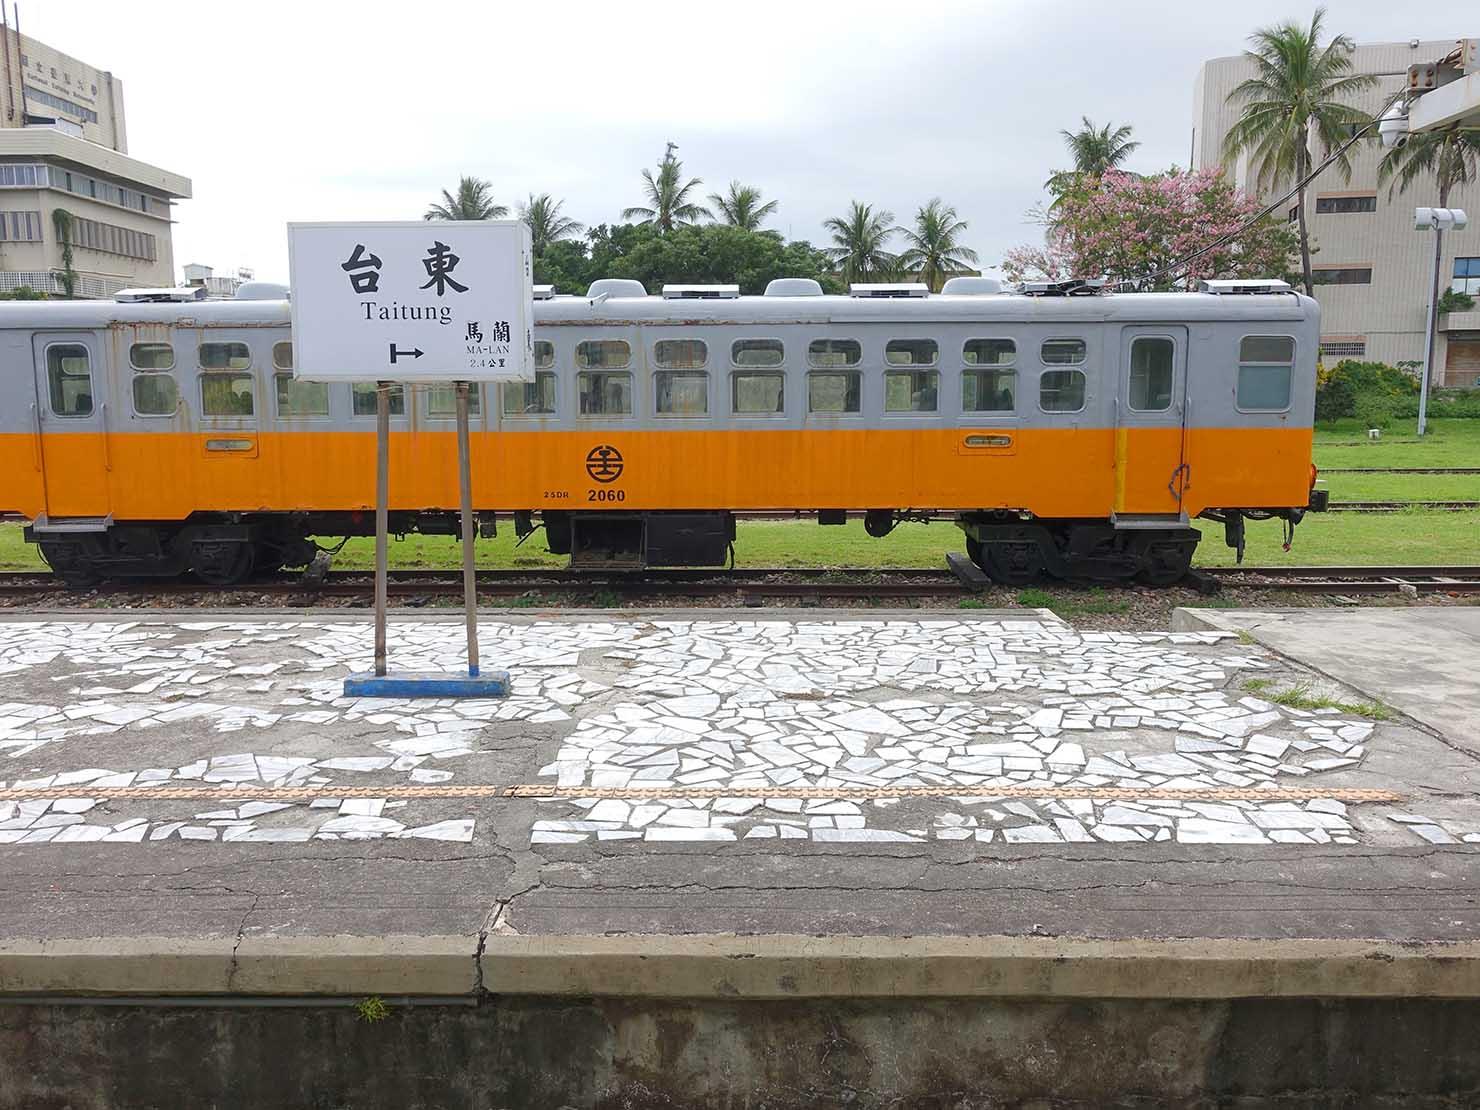 台東・鐵花村にある旧台東駅跡地